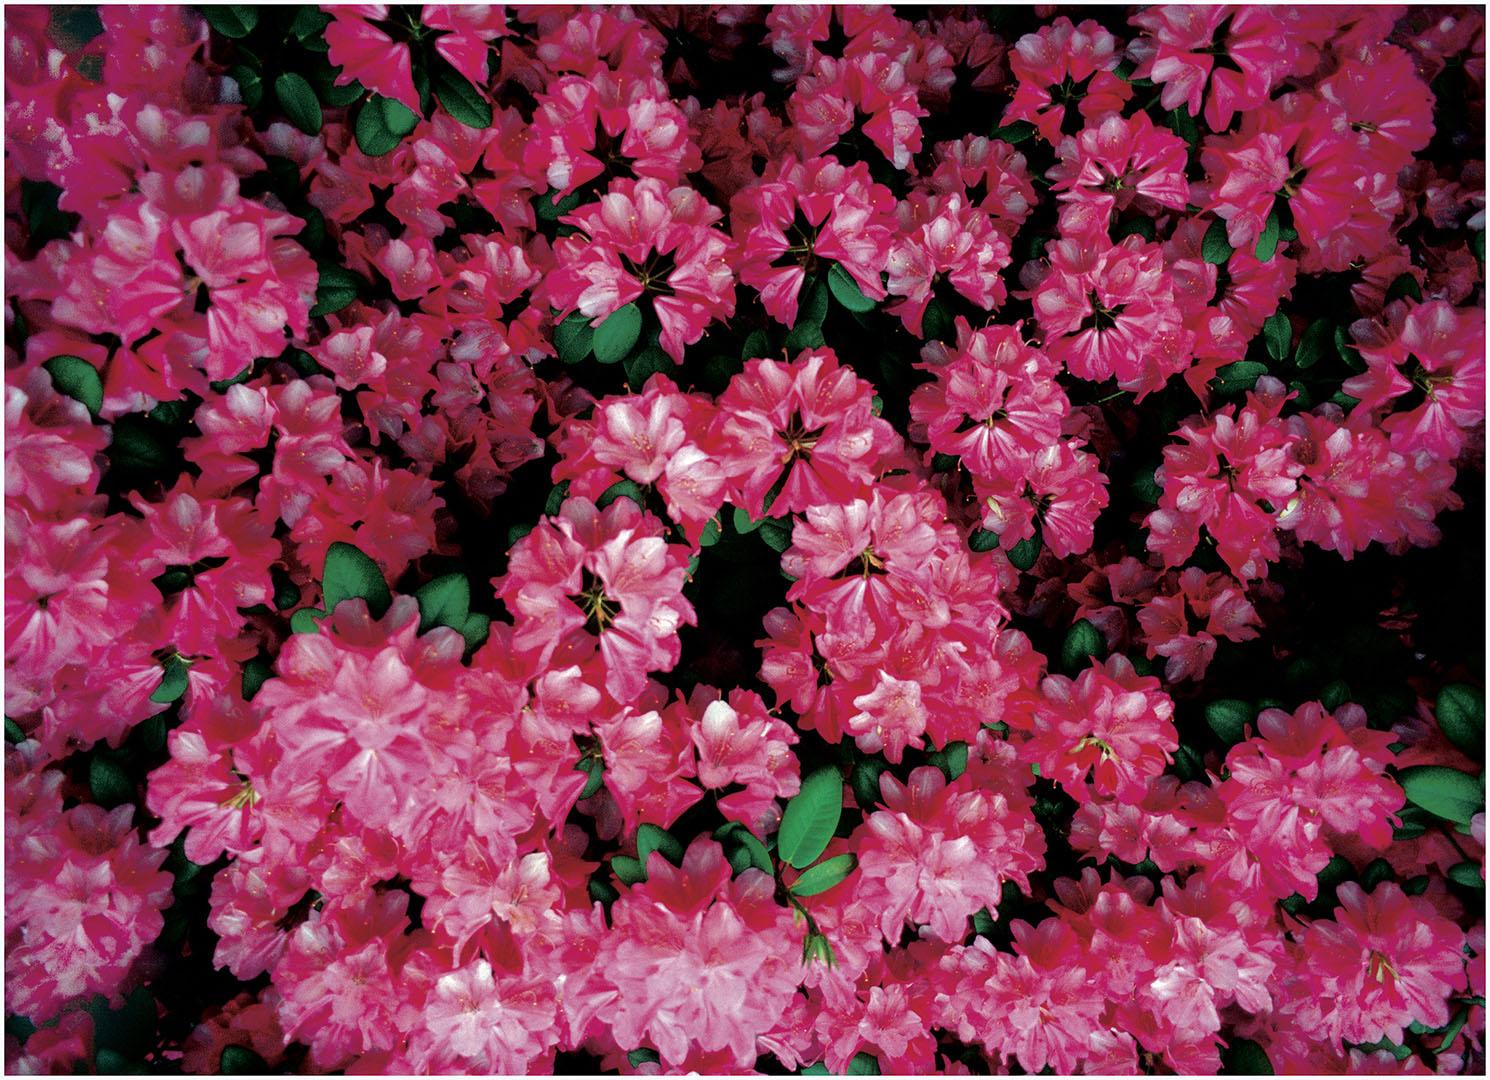 Flowers_061_Diadigi3.54